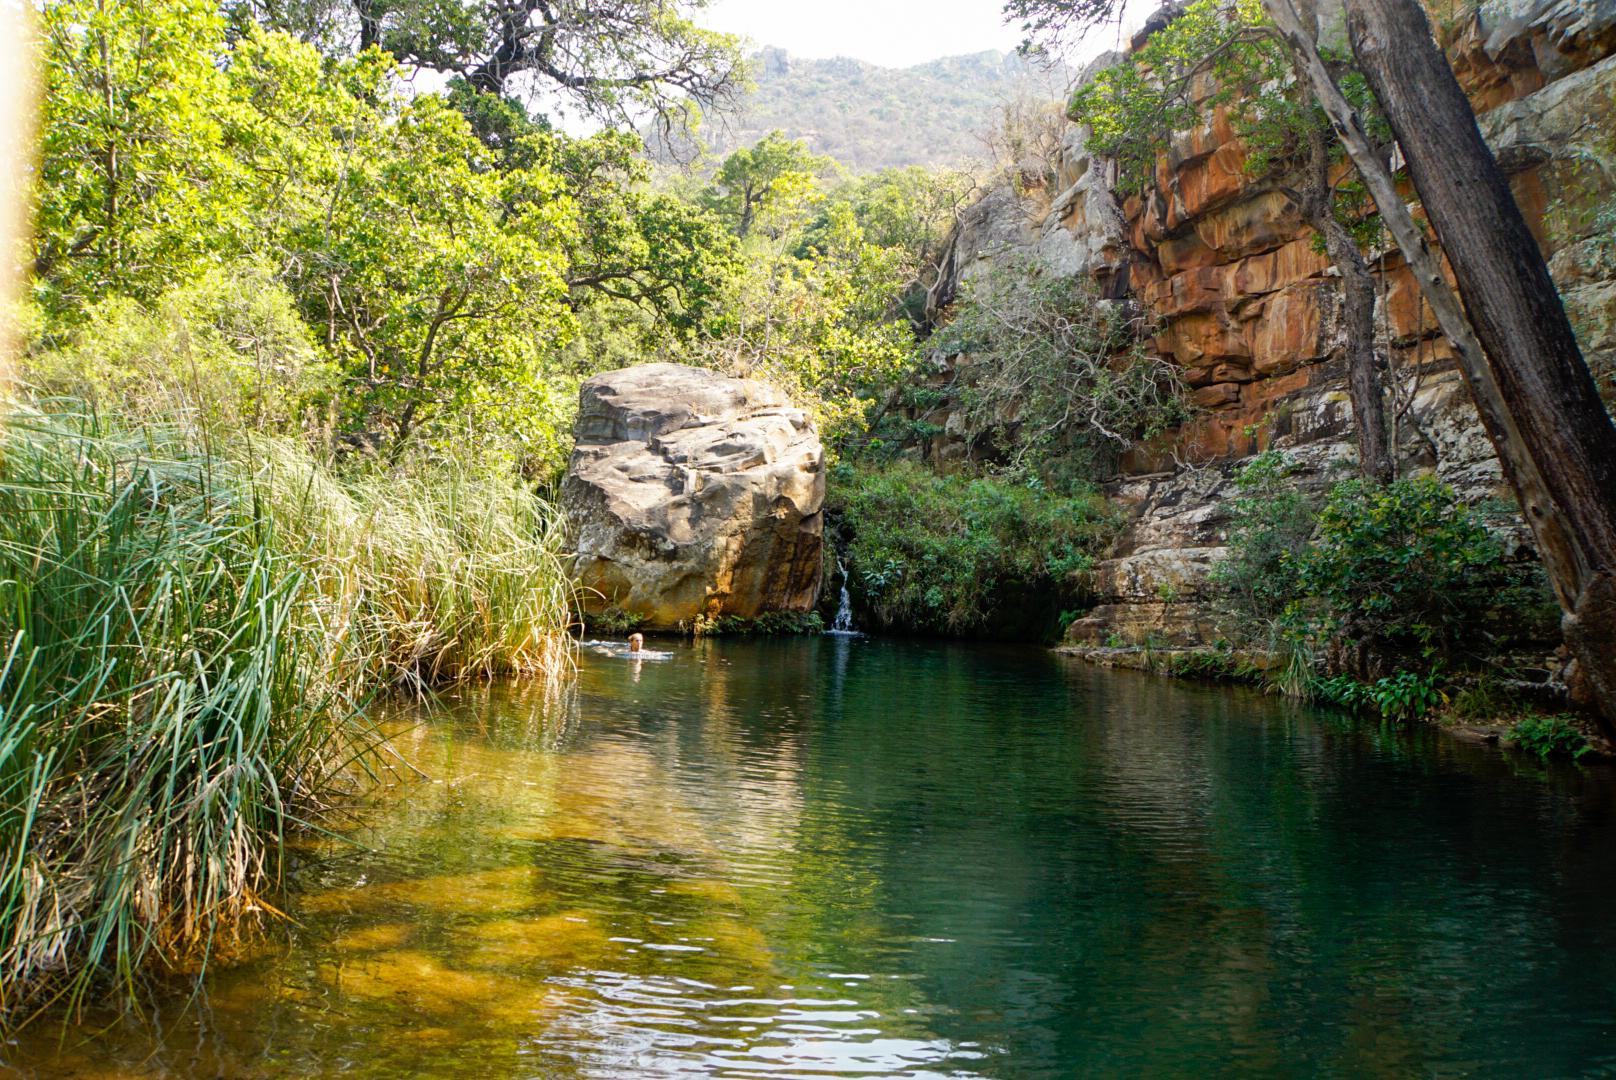 Eine Lagune am Fluss des Blyde Canyon